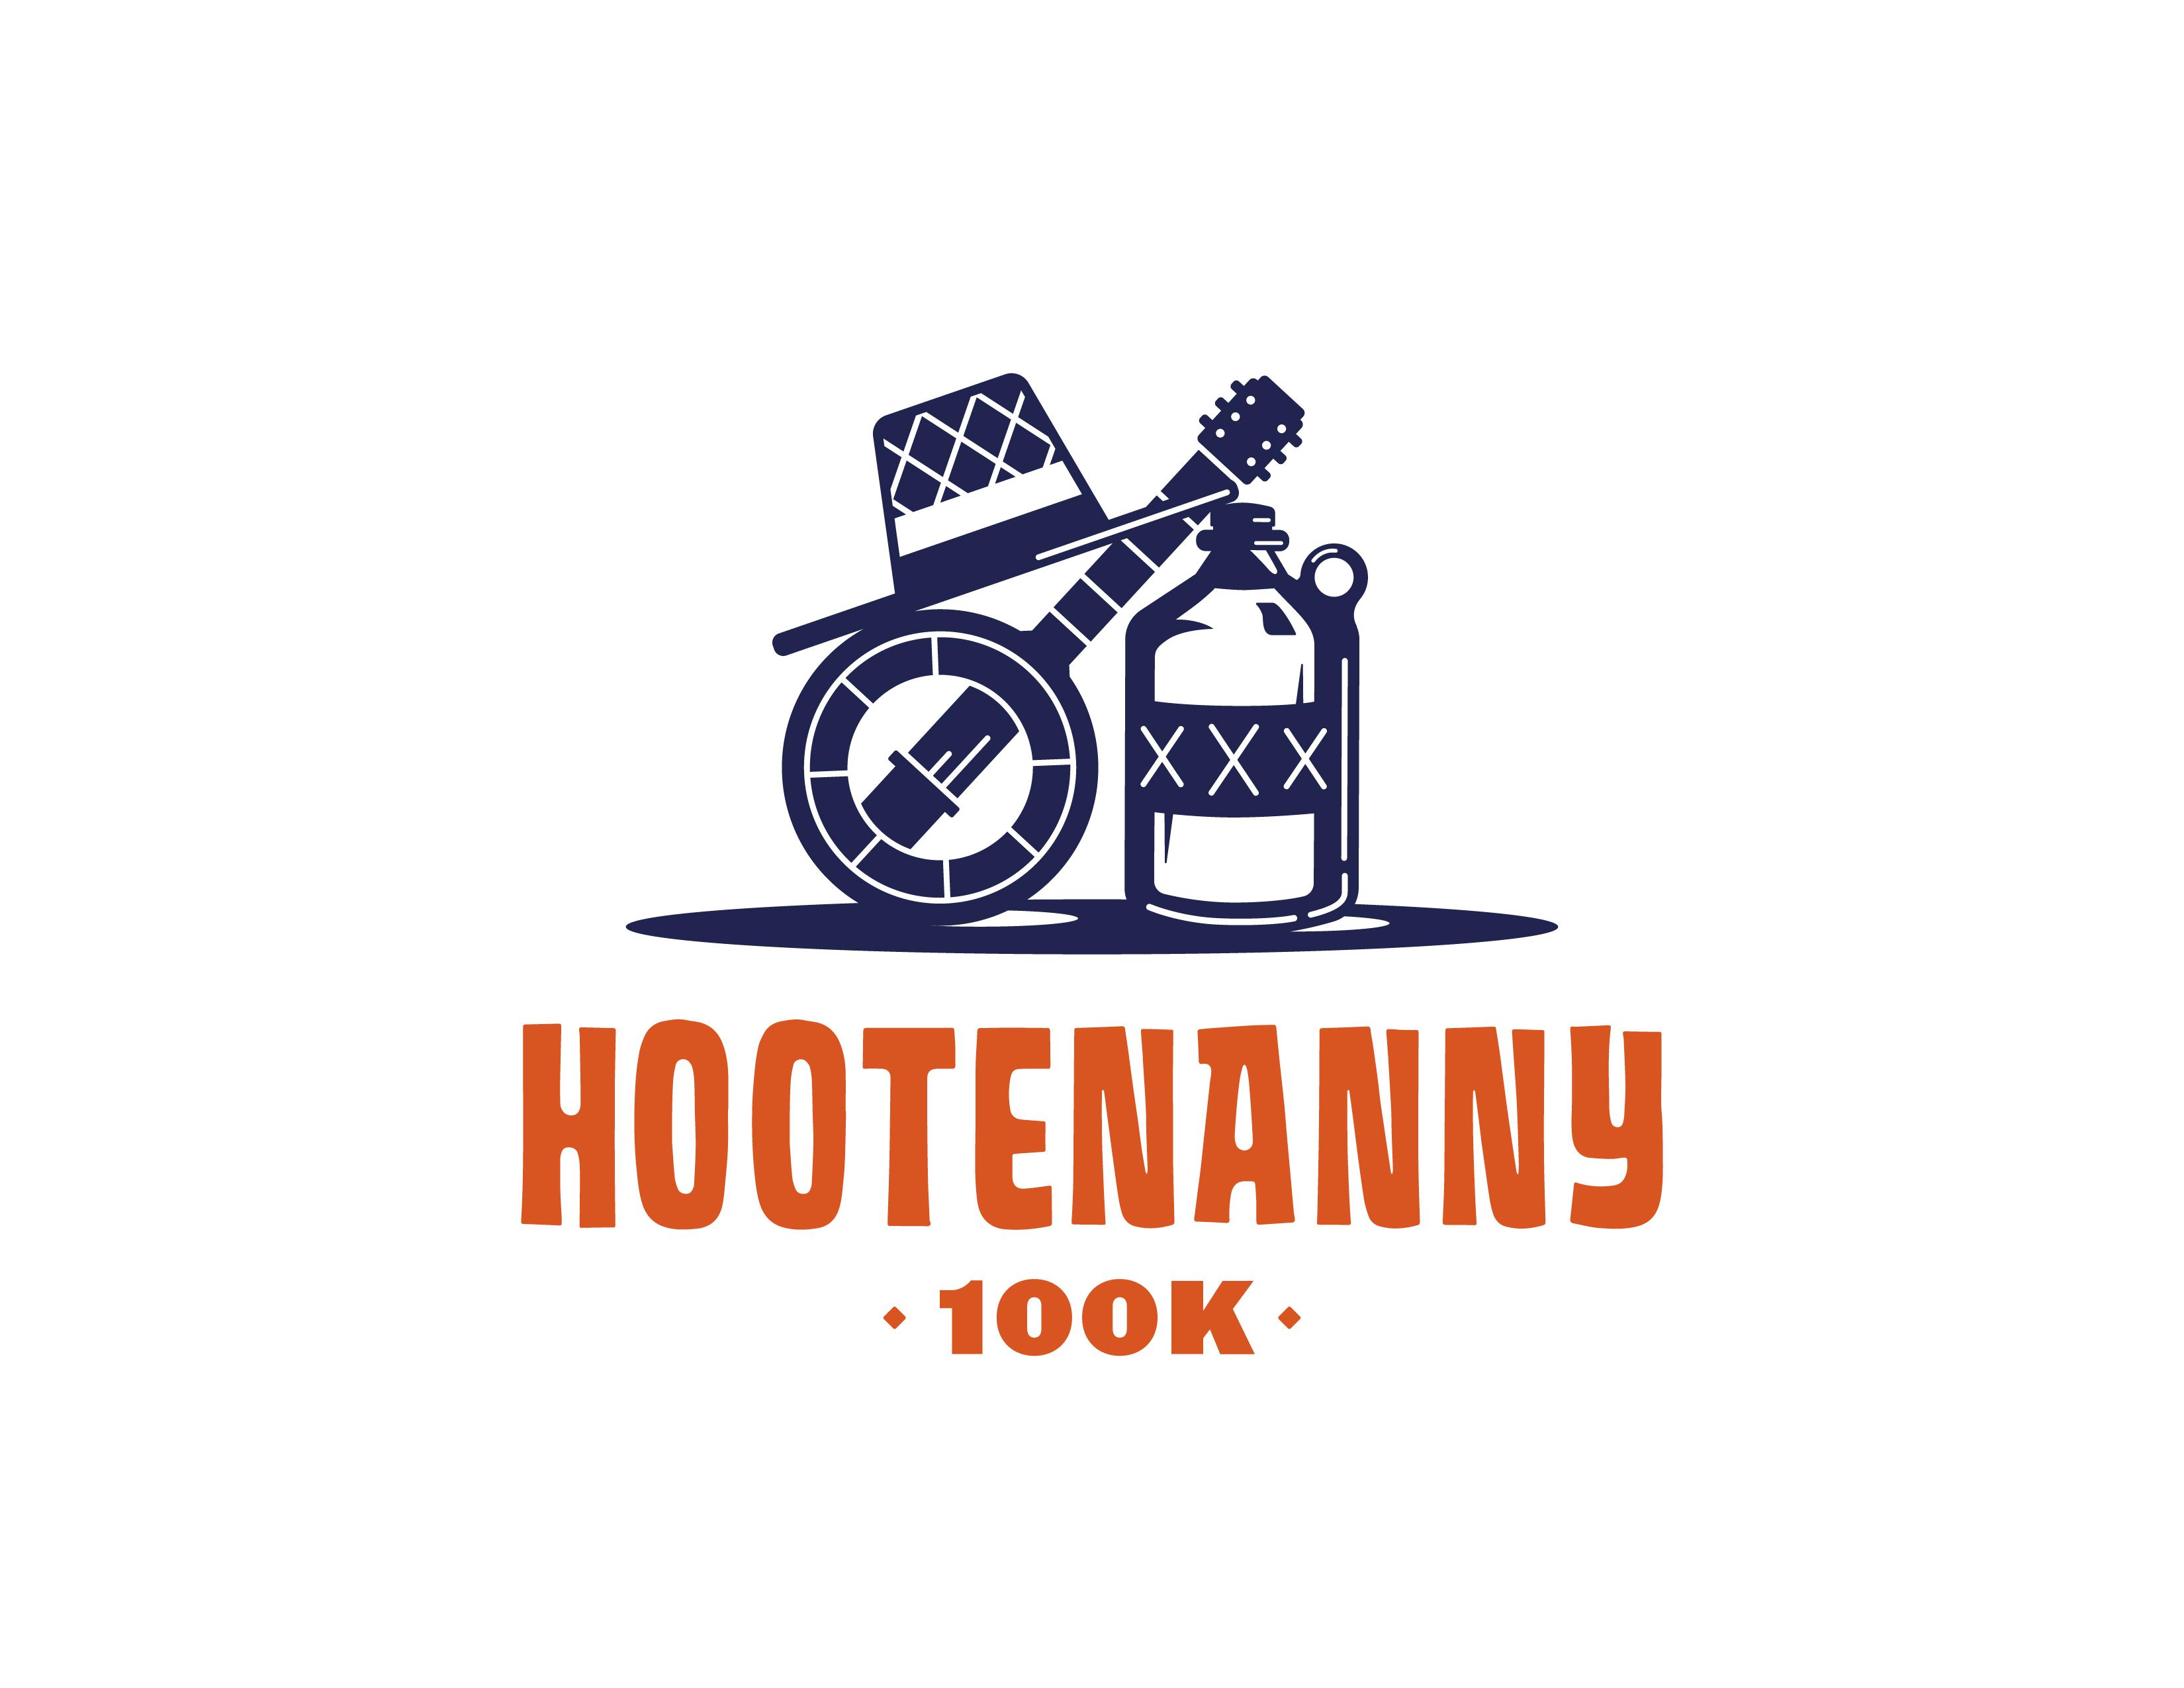 Hootenanny 100k logo